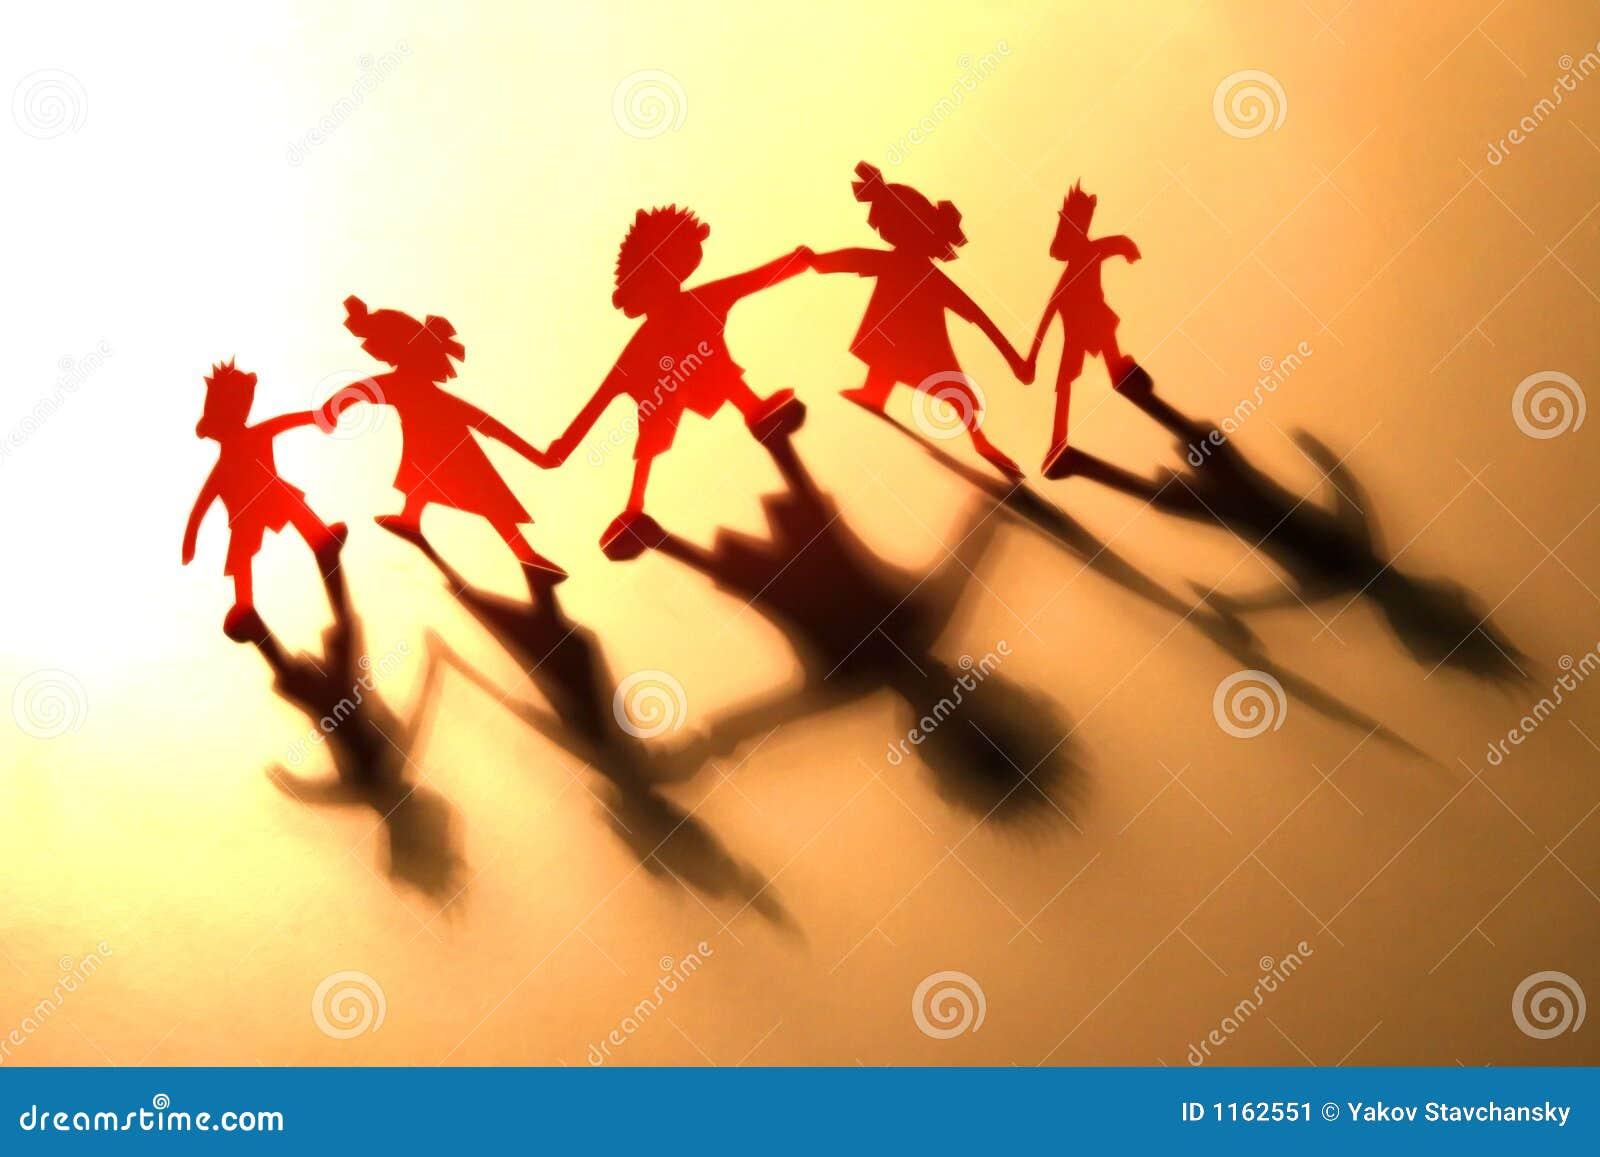 Figures of children in dance